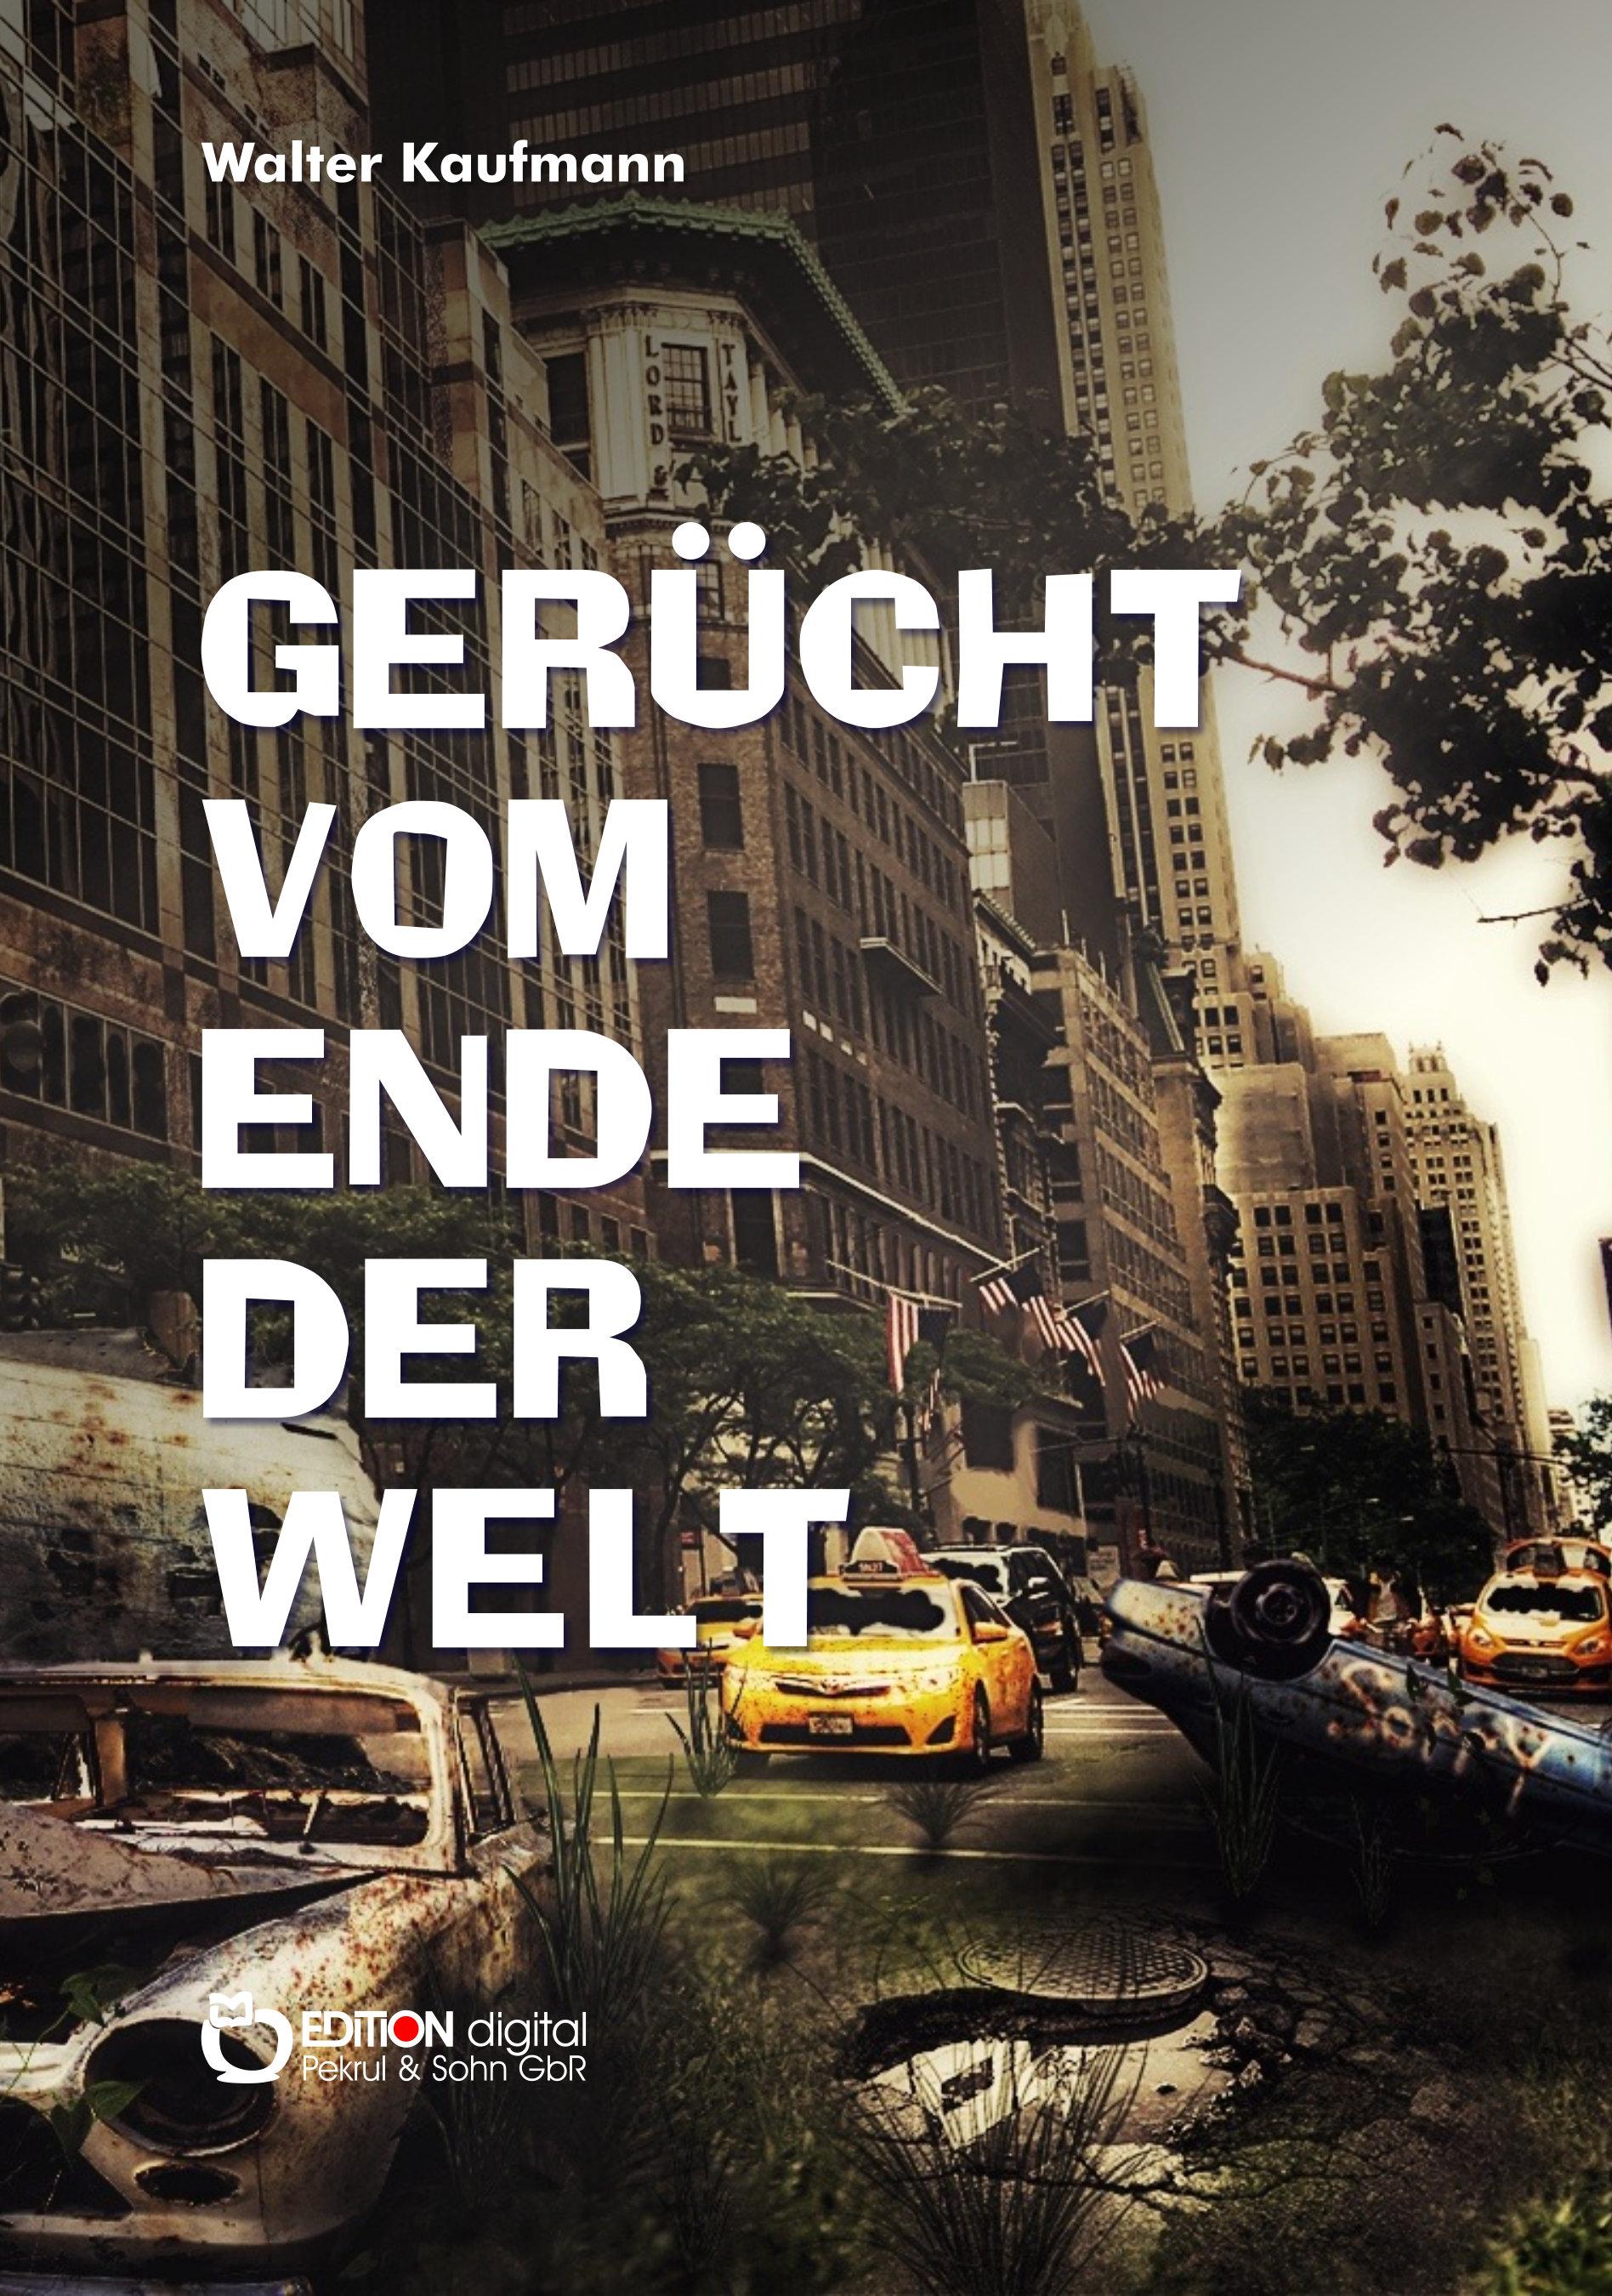 Gerücht vom Ende der Welt von Walter Kaufmann